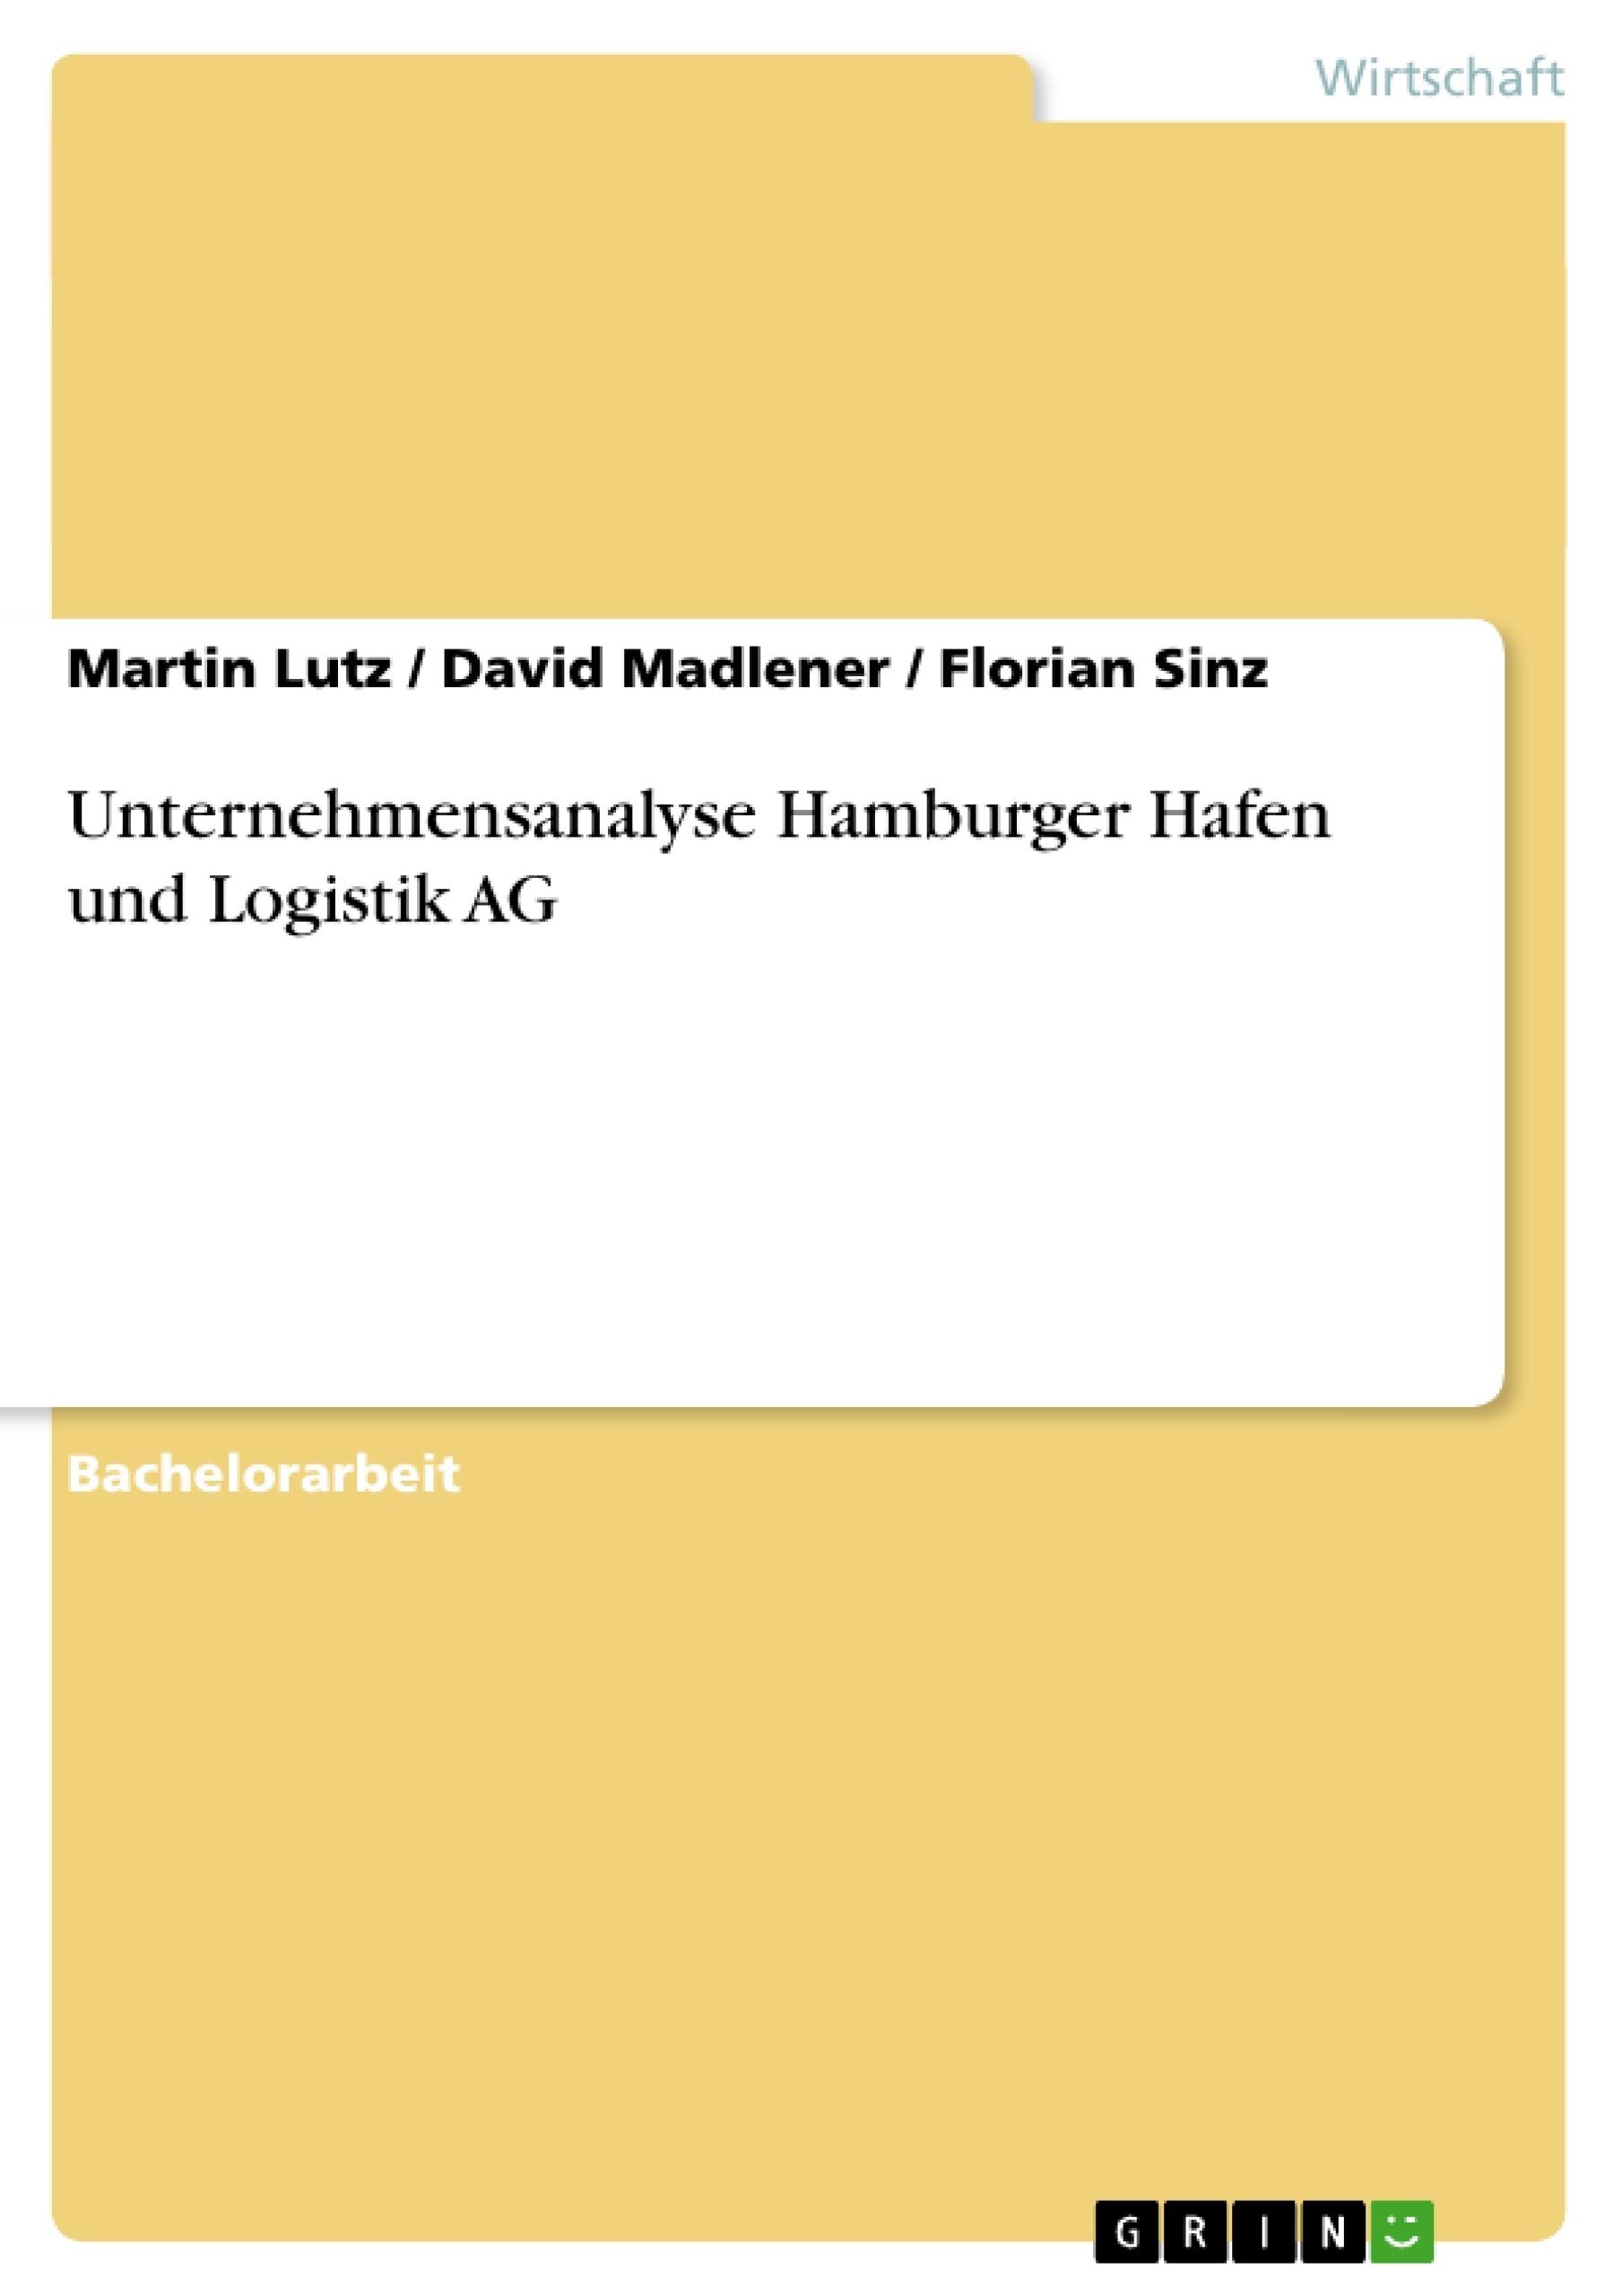 Titel: Unternehmensanalyse Hamburger Hafen und Logistik AG